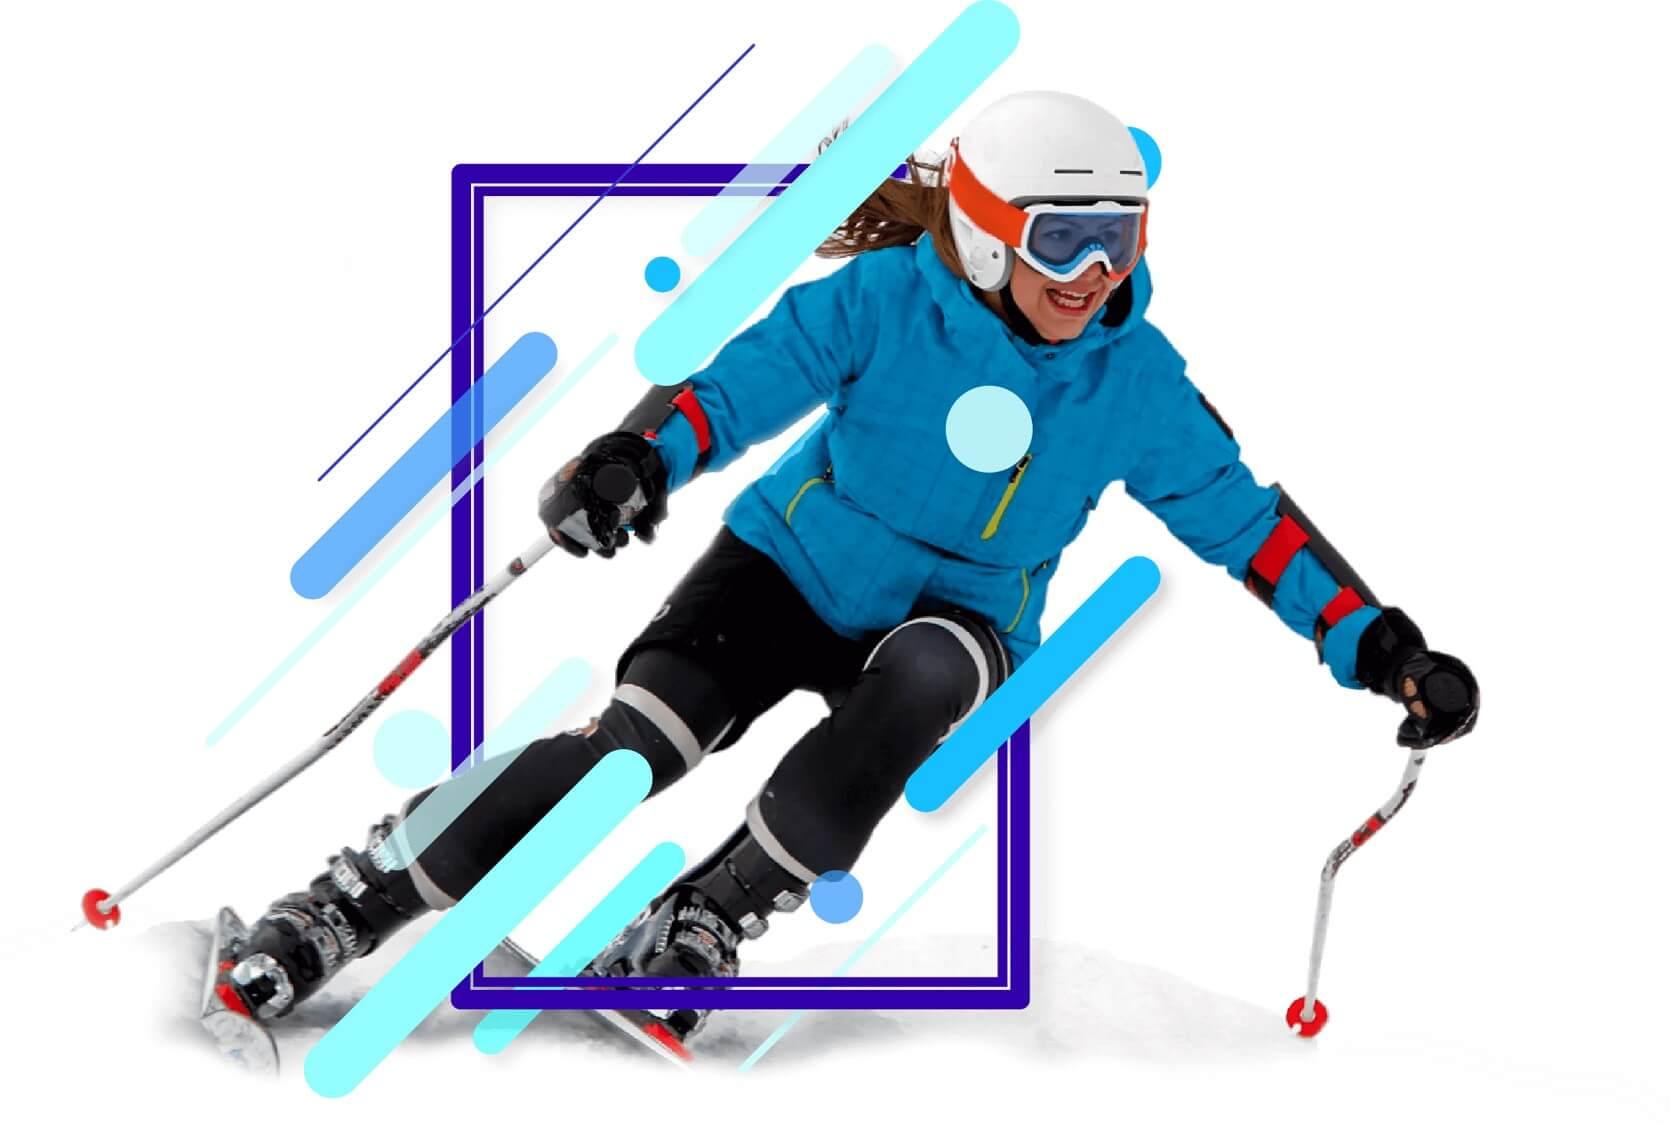 Alibabatrek iran travel visit iran tour packages iran ski touring skiing in iran iran ski tour Iran ski resort iran ski package holidays iran snowboarding iran skiing